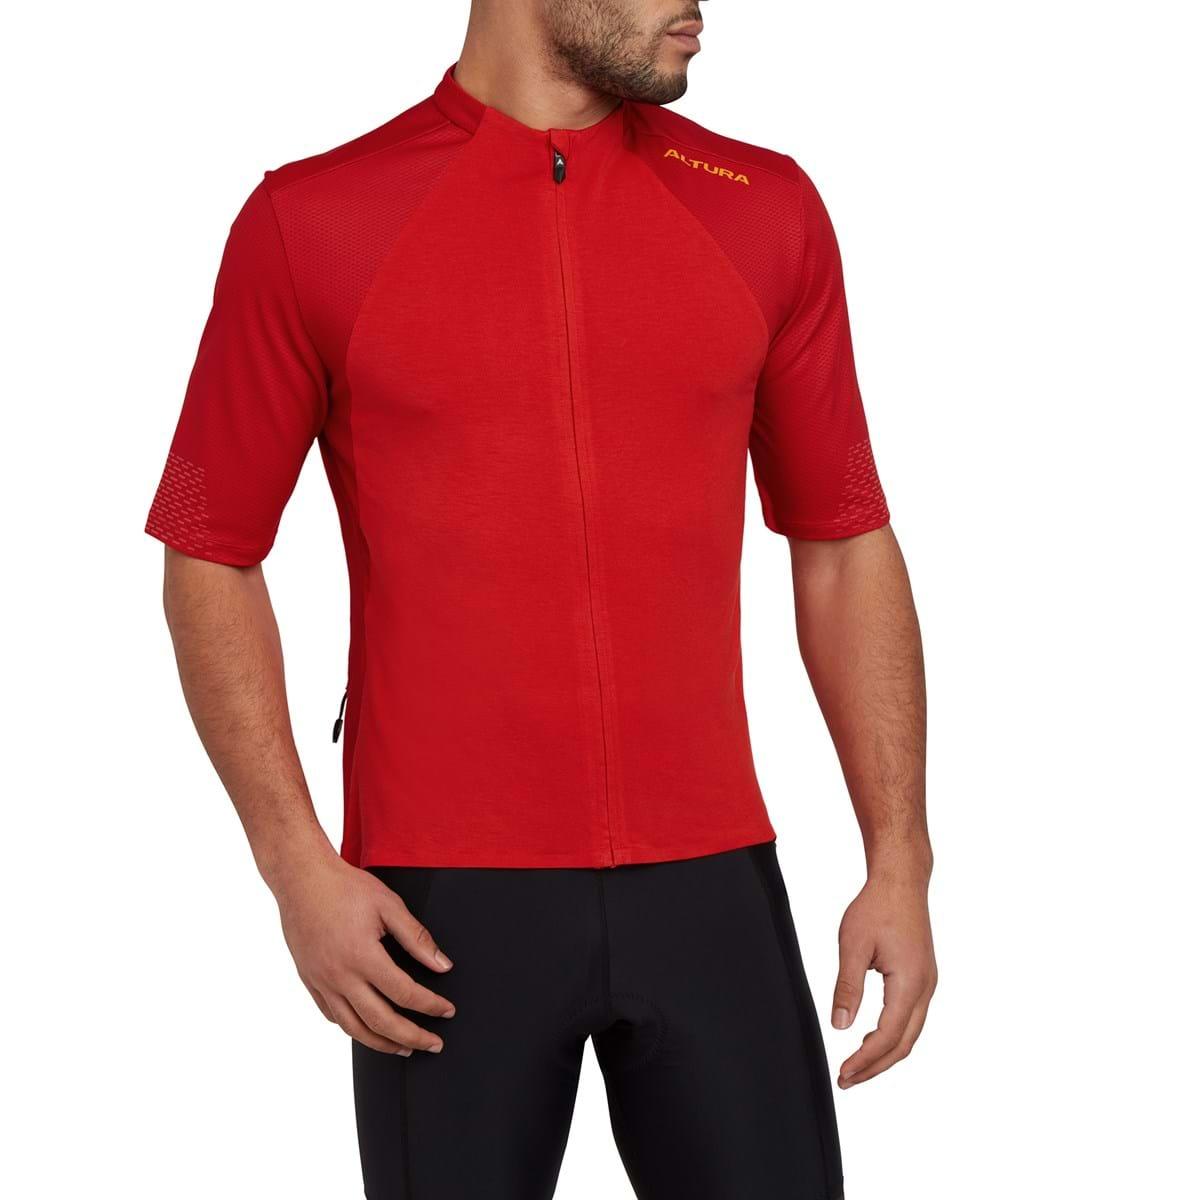 Endurance Men's Short Sleeve Jersey